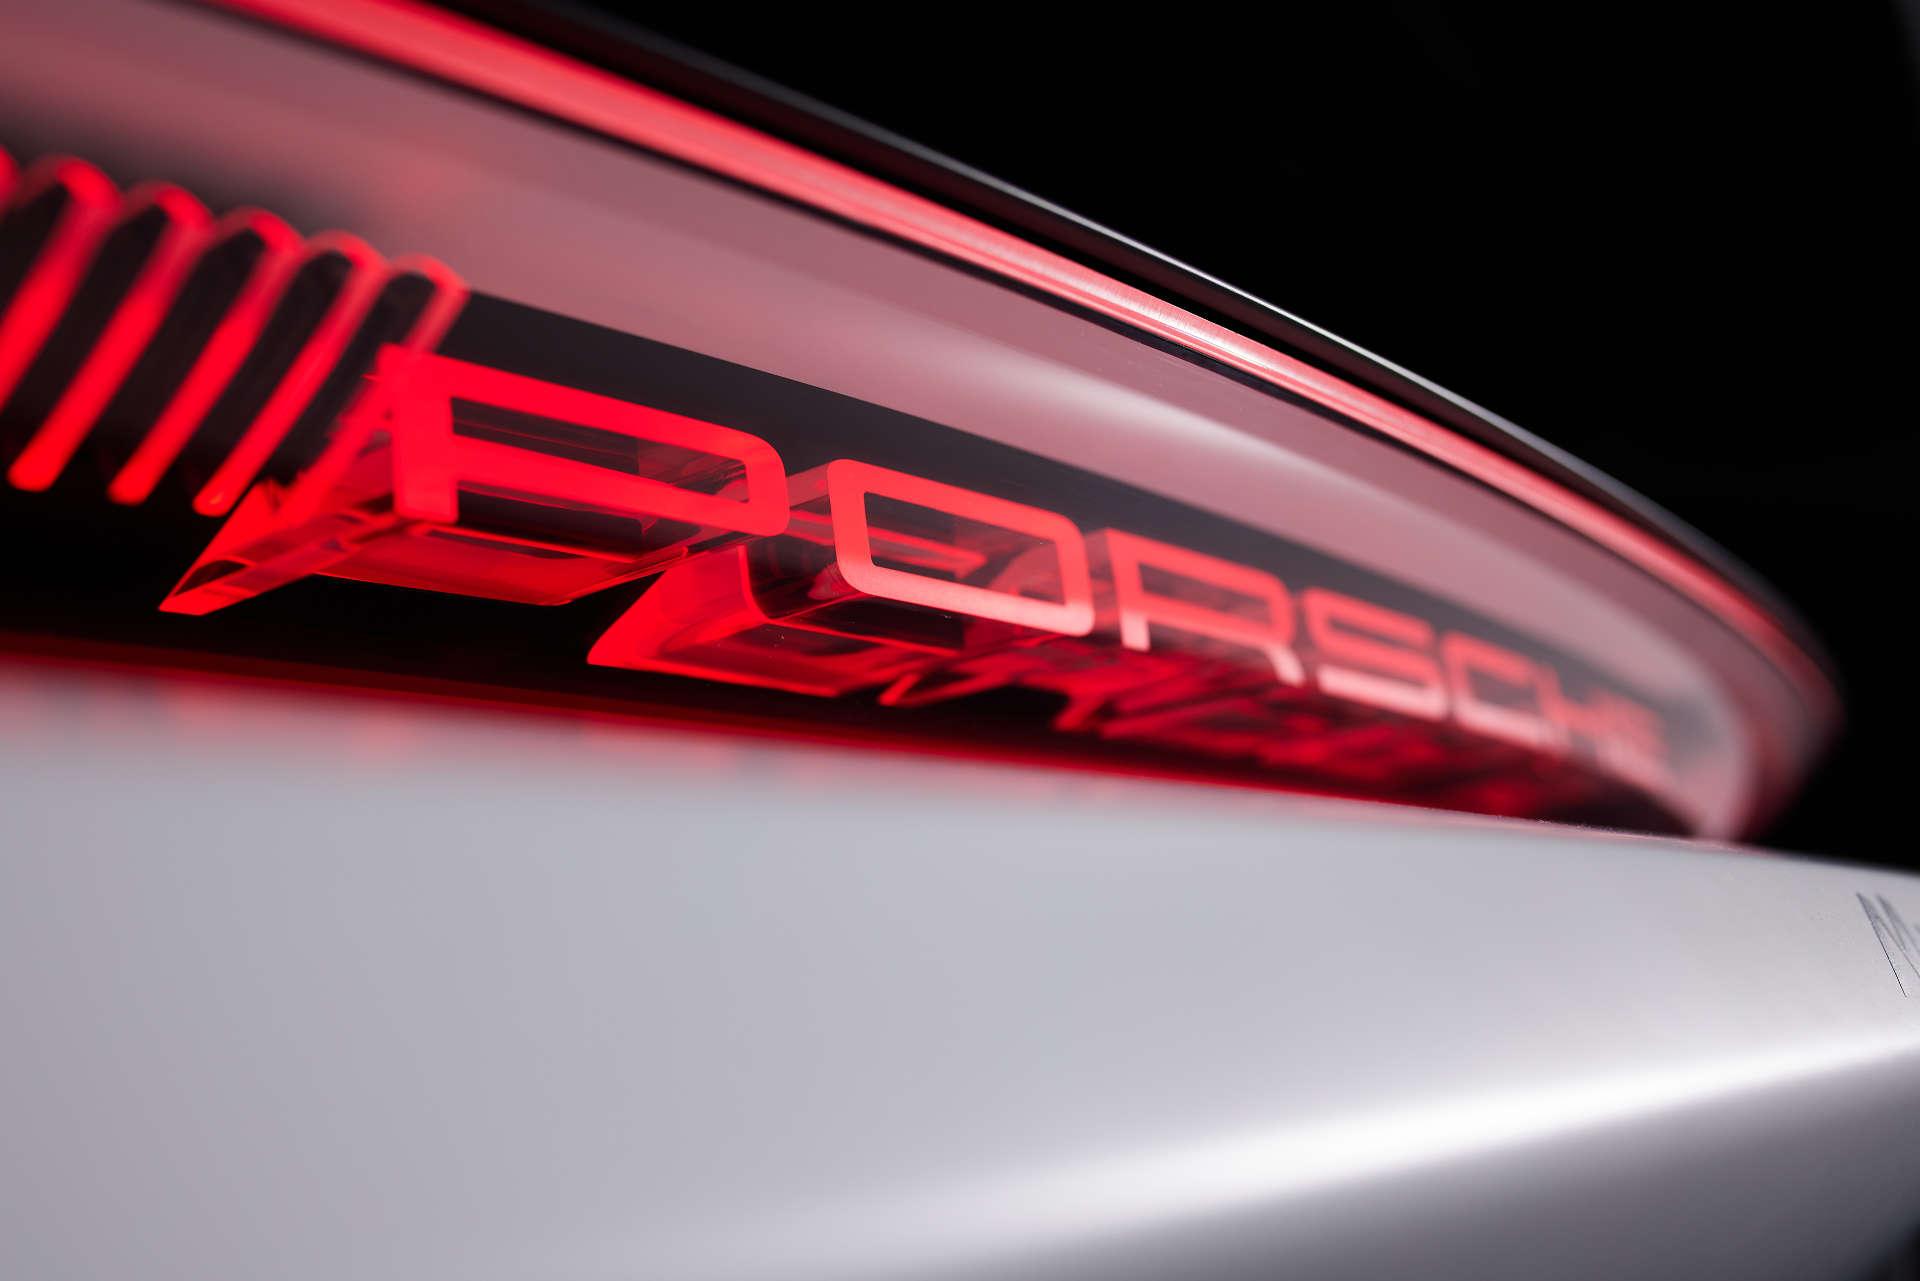 Porsche-Weltpremiere auf der IAA